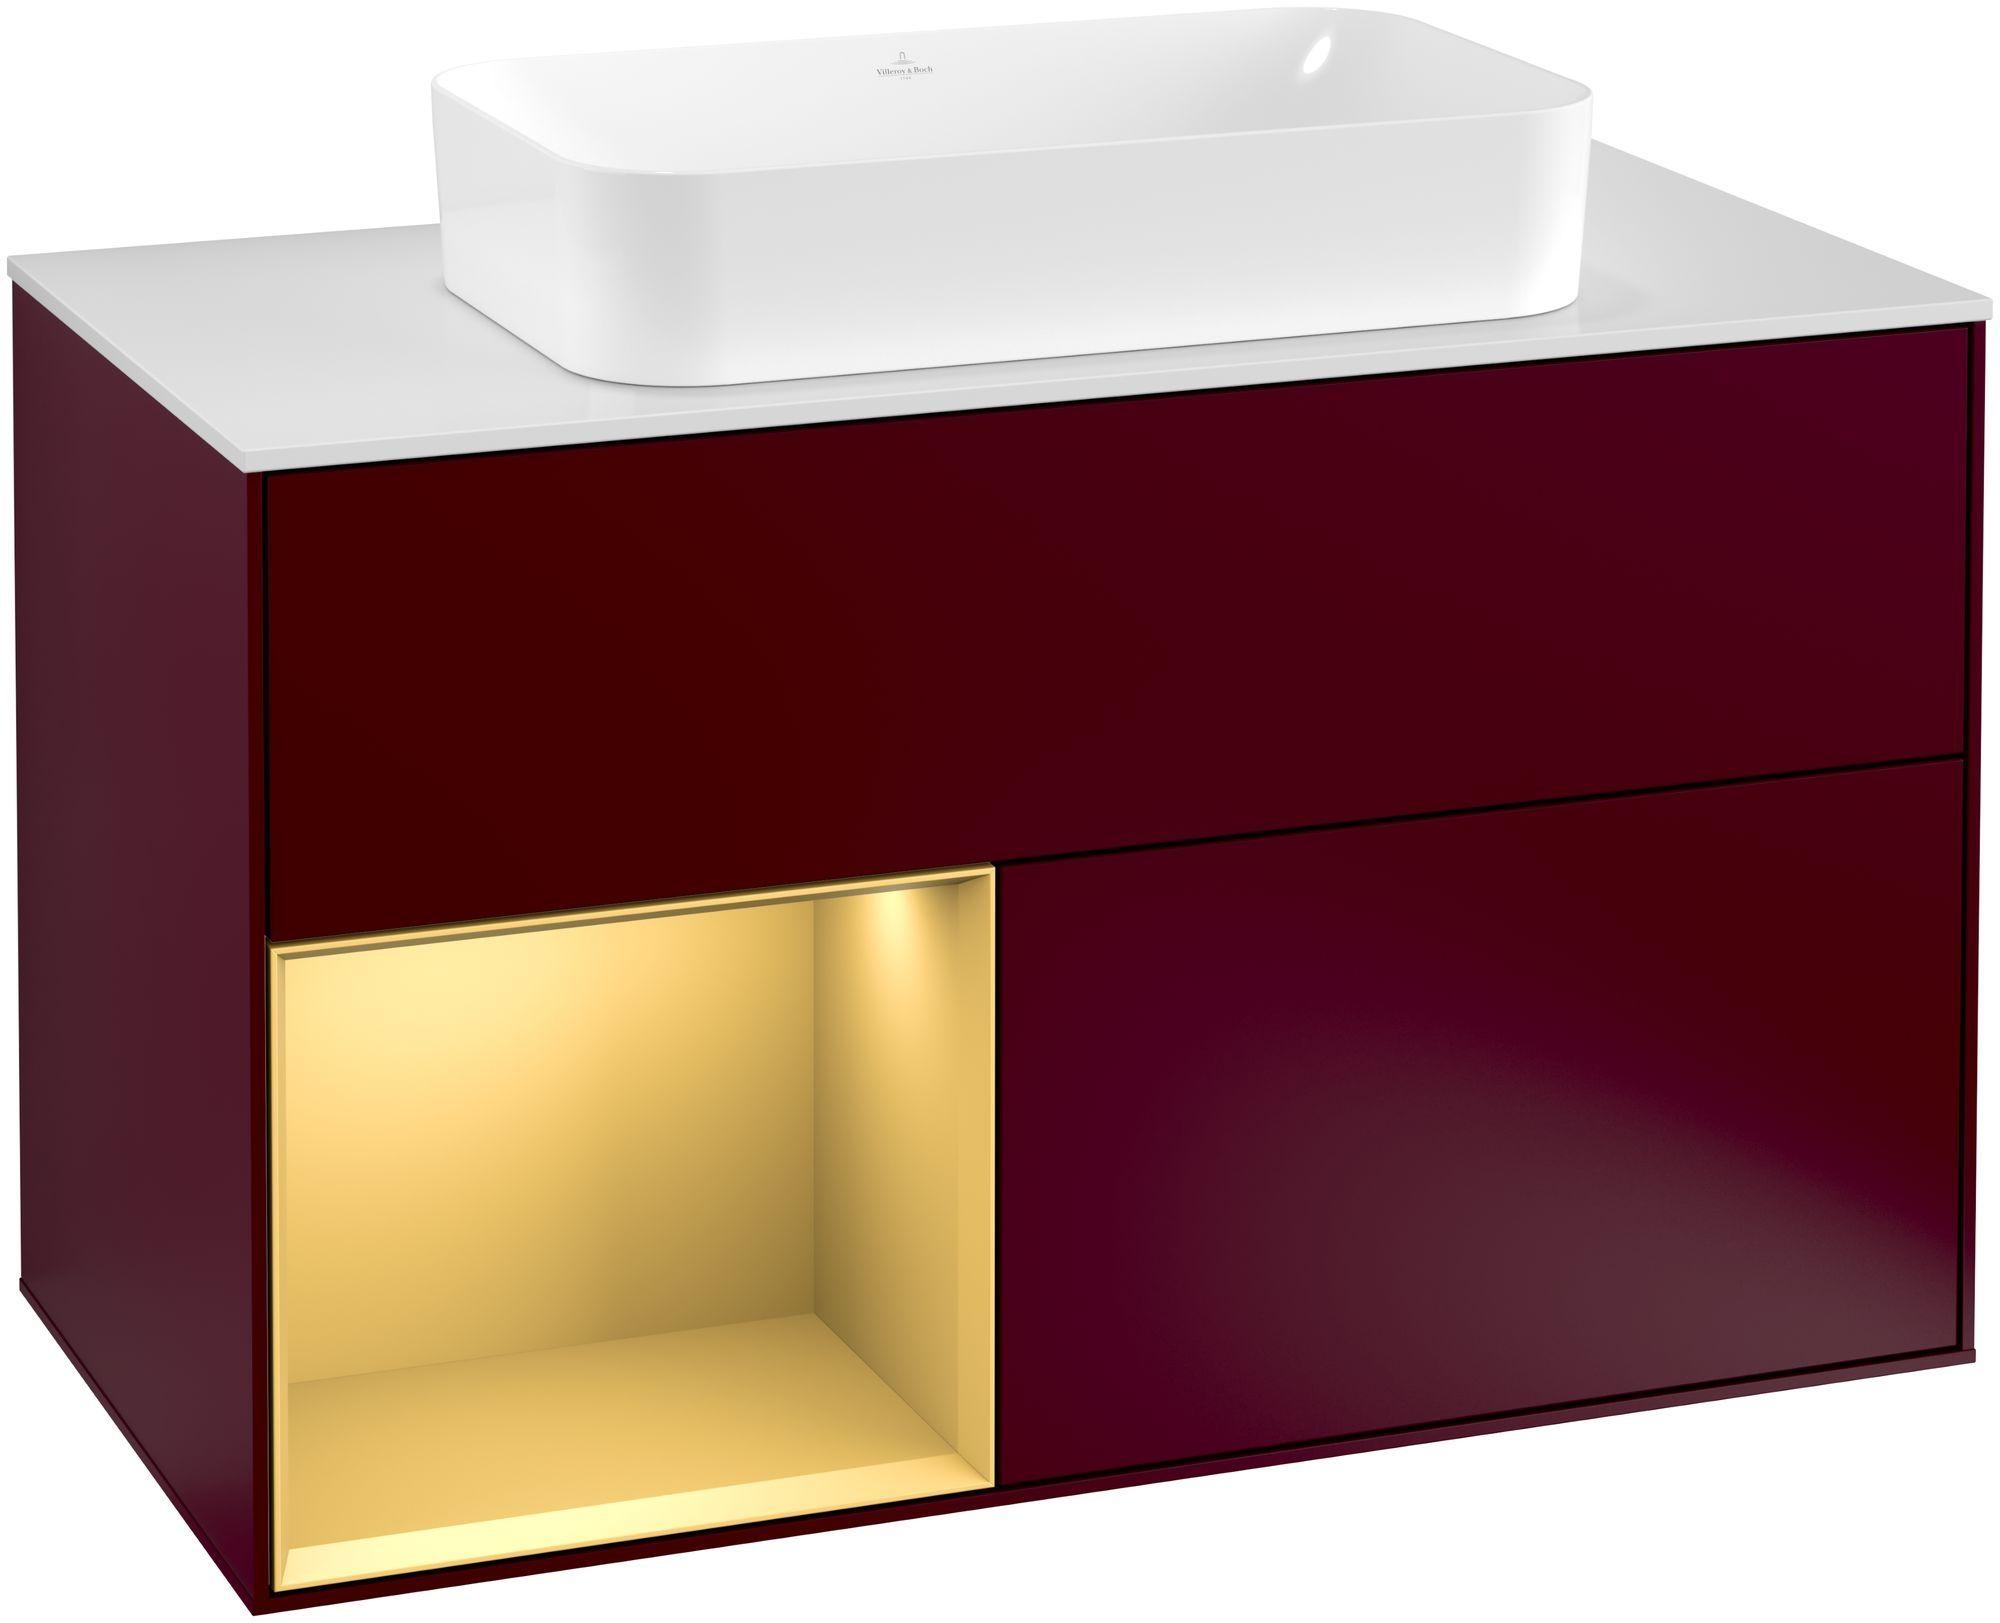 Villeroy & Boch Finion F24 Waschtischunterschrank mit Regalelement 2 Auszüge für WT mittig LED-Beleuchtung B:100xH:60,3xT:50,1cm Front, Korpus: Peony, Regal: Gold Matt, Glasplatte: White Matt F241HFHB